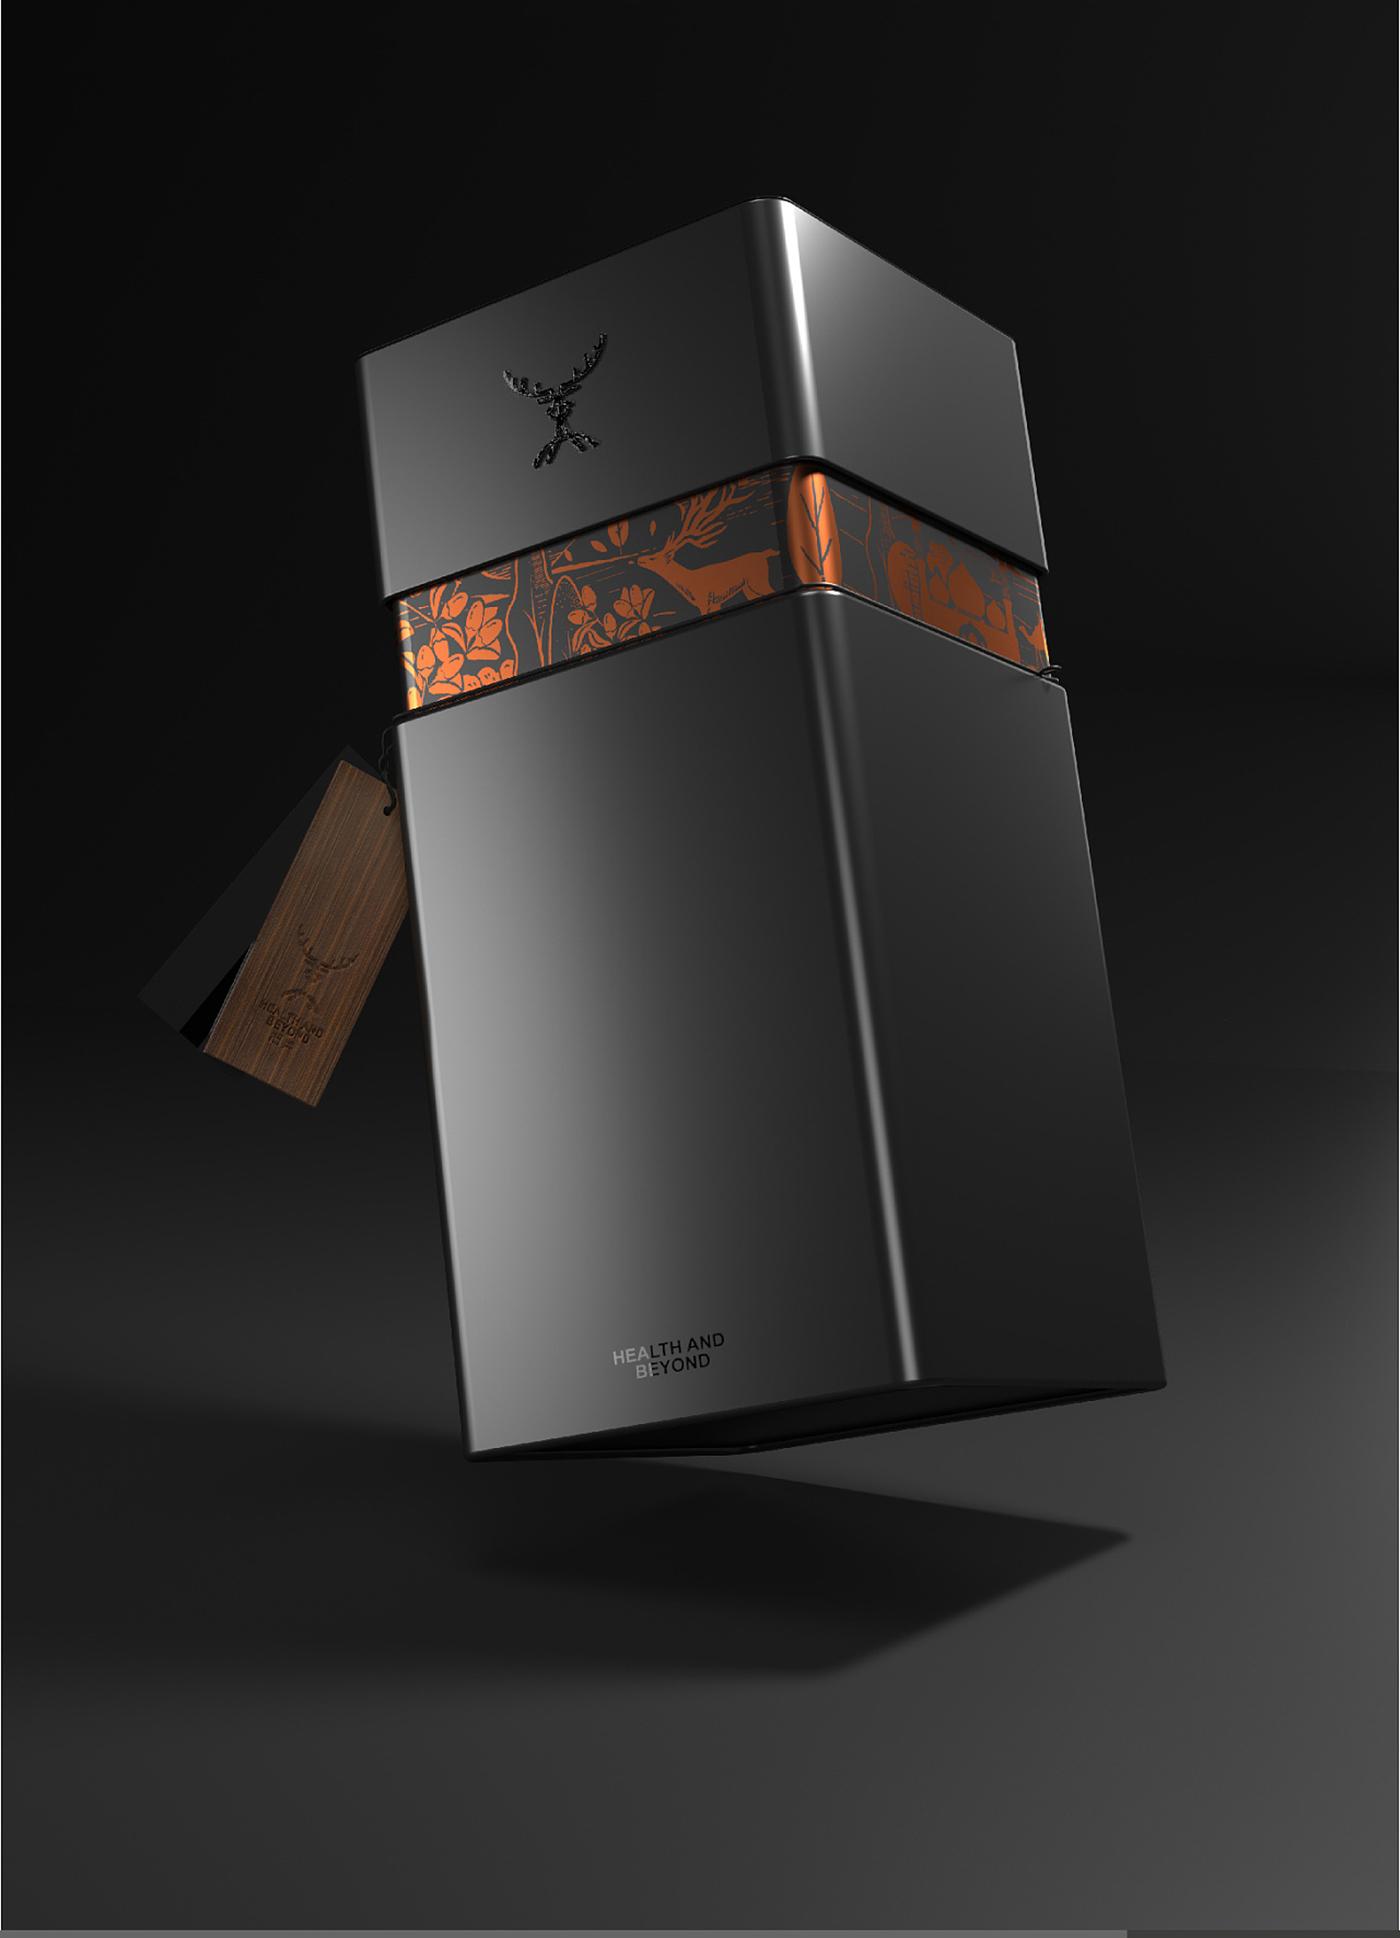 德国红点奖的原创茶叶包装设计-国际茶叶包装设计